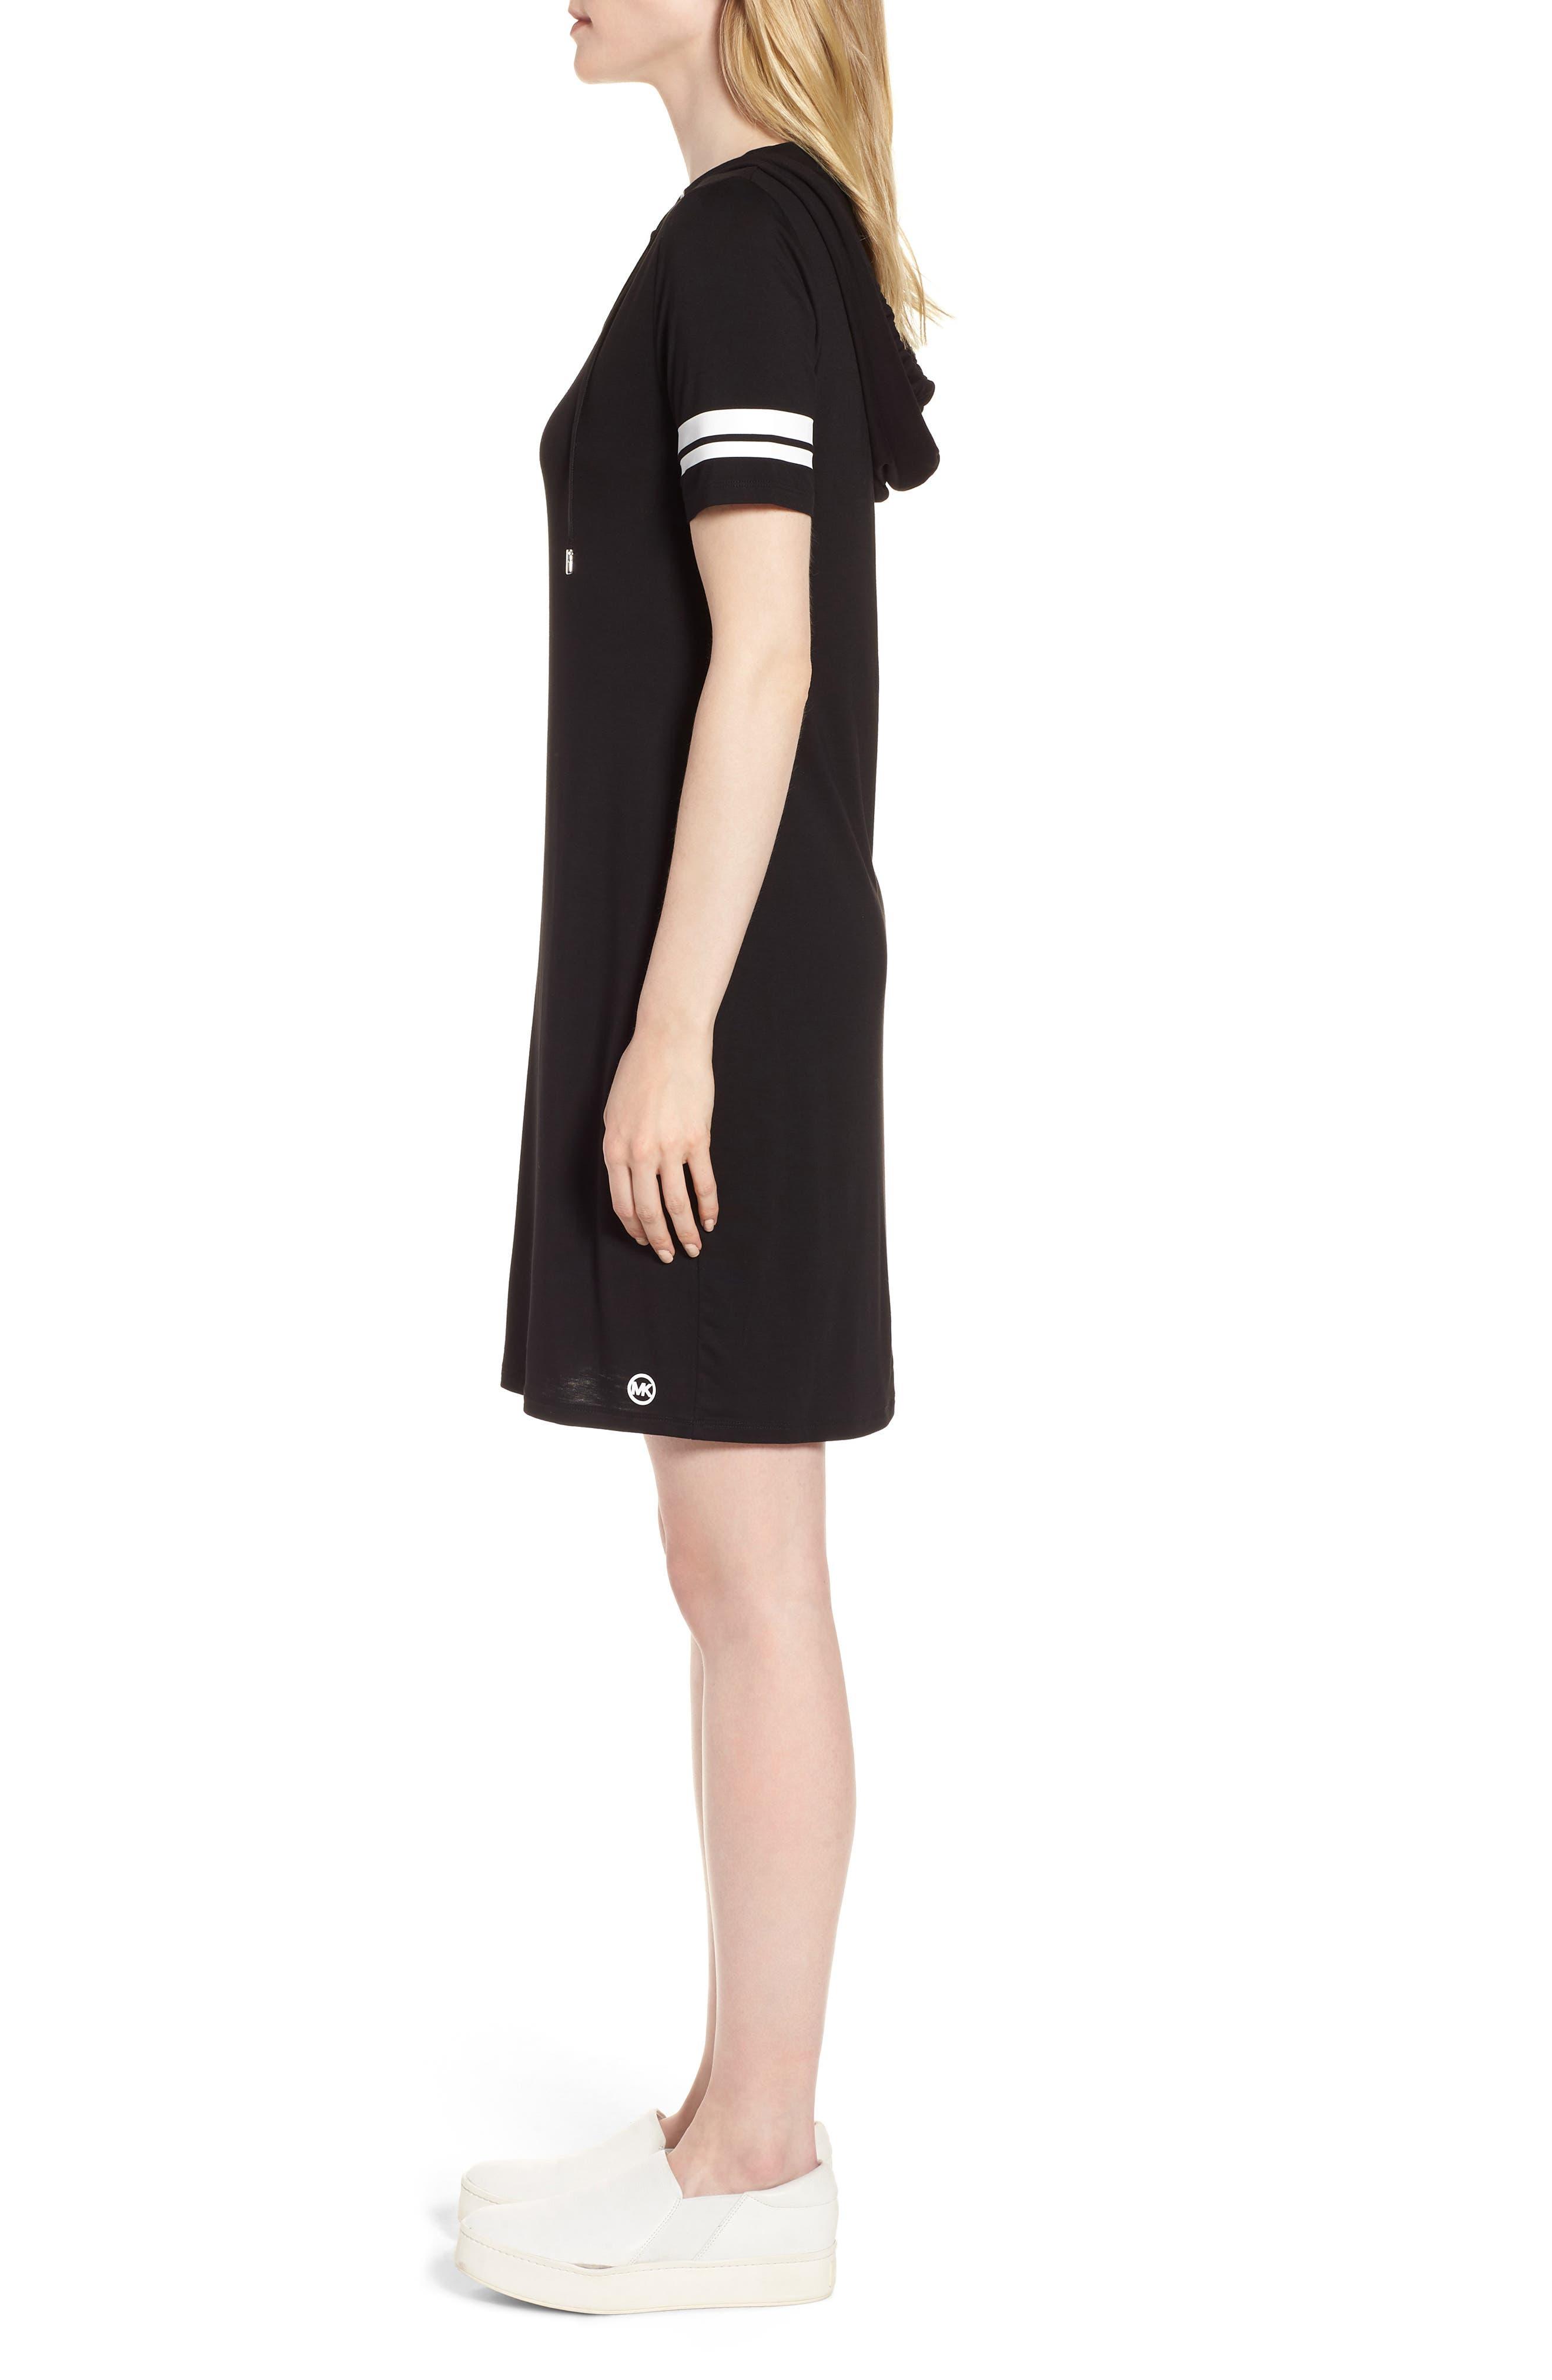 MICHAEL Michal Kors Stripe Sleeve Hoodie Dress,                             Alternate thumbnail 3, color,                             Black